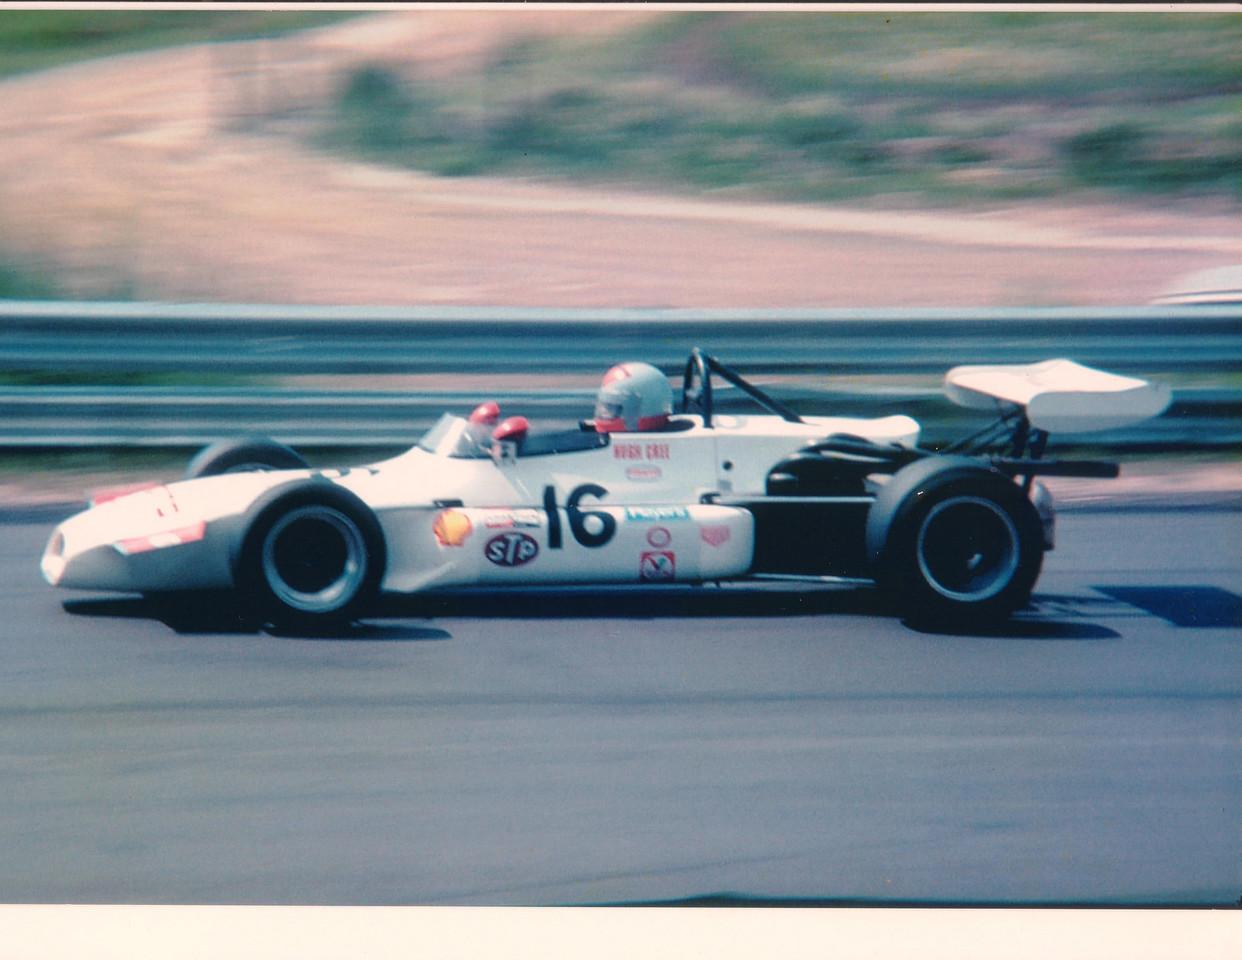 1974 BT35-19 at Mosport, after corner 3.